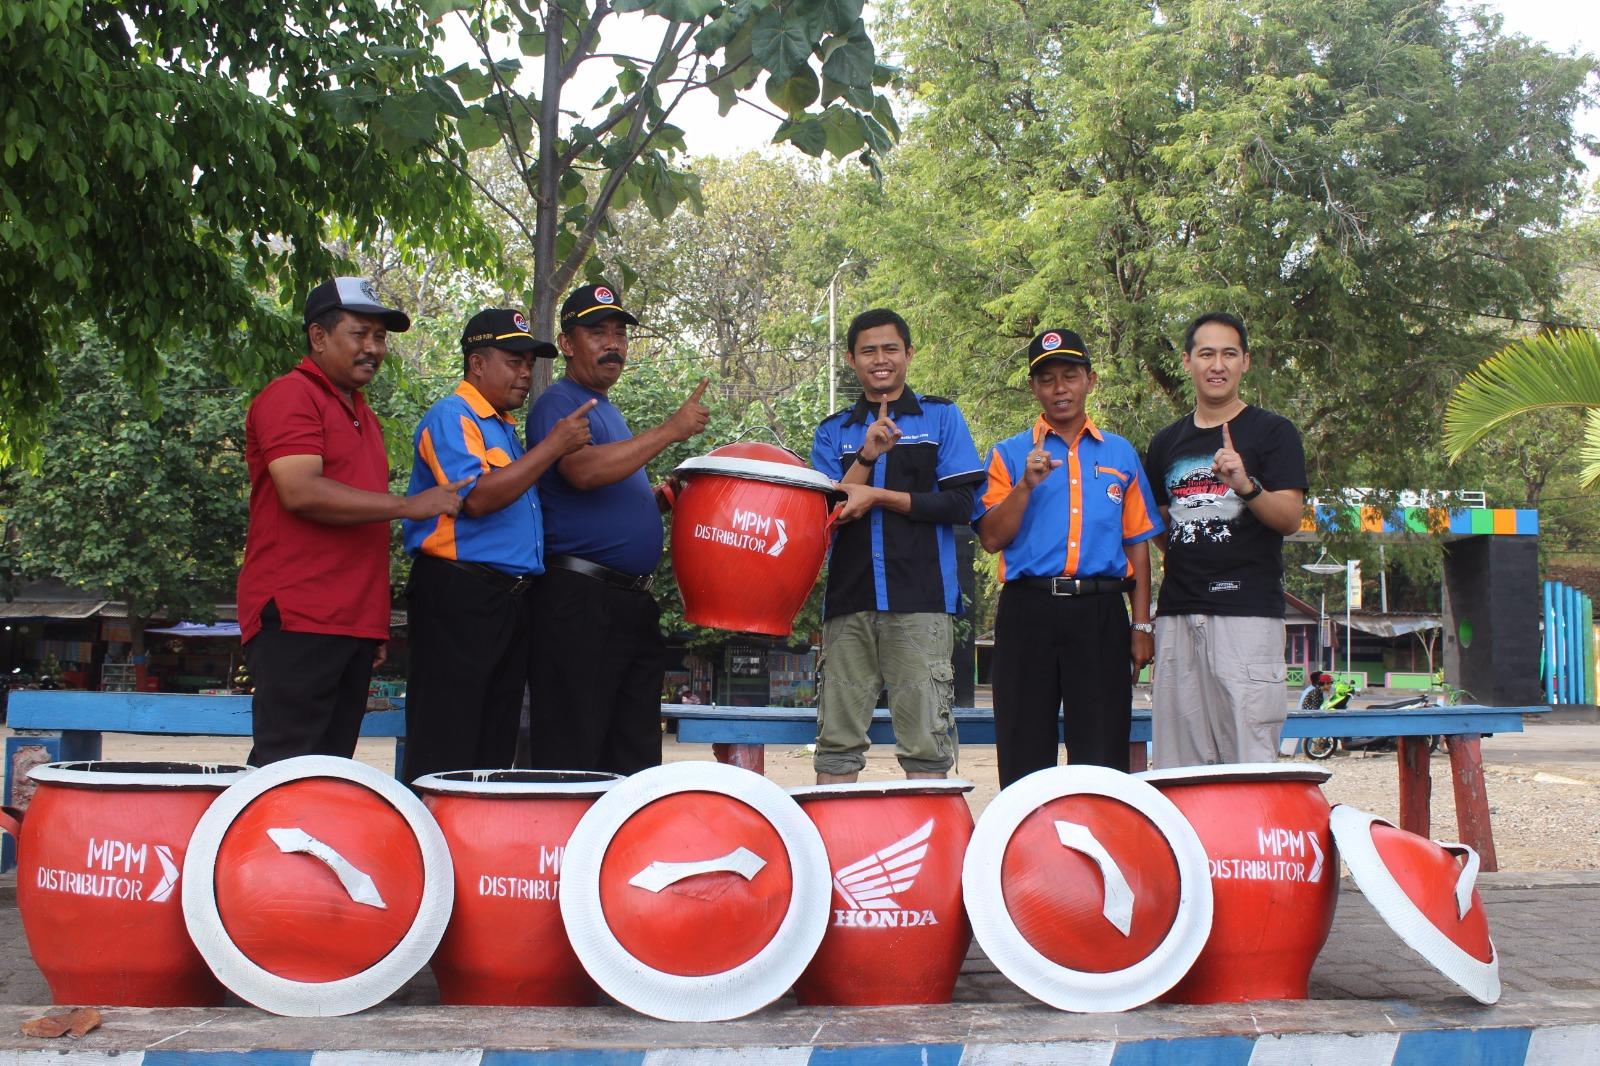 Fun touring Honda MPM bersama Jatimotoblog – Bersih bersih sampah di Pantai (Bagian 2)